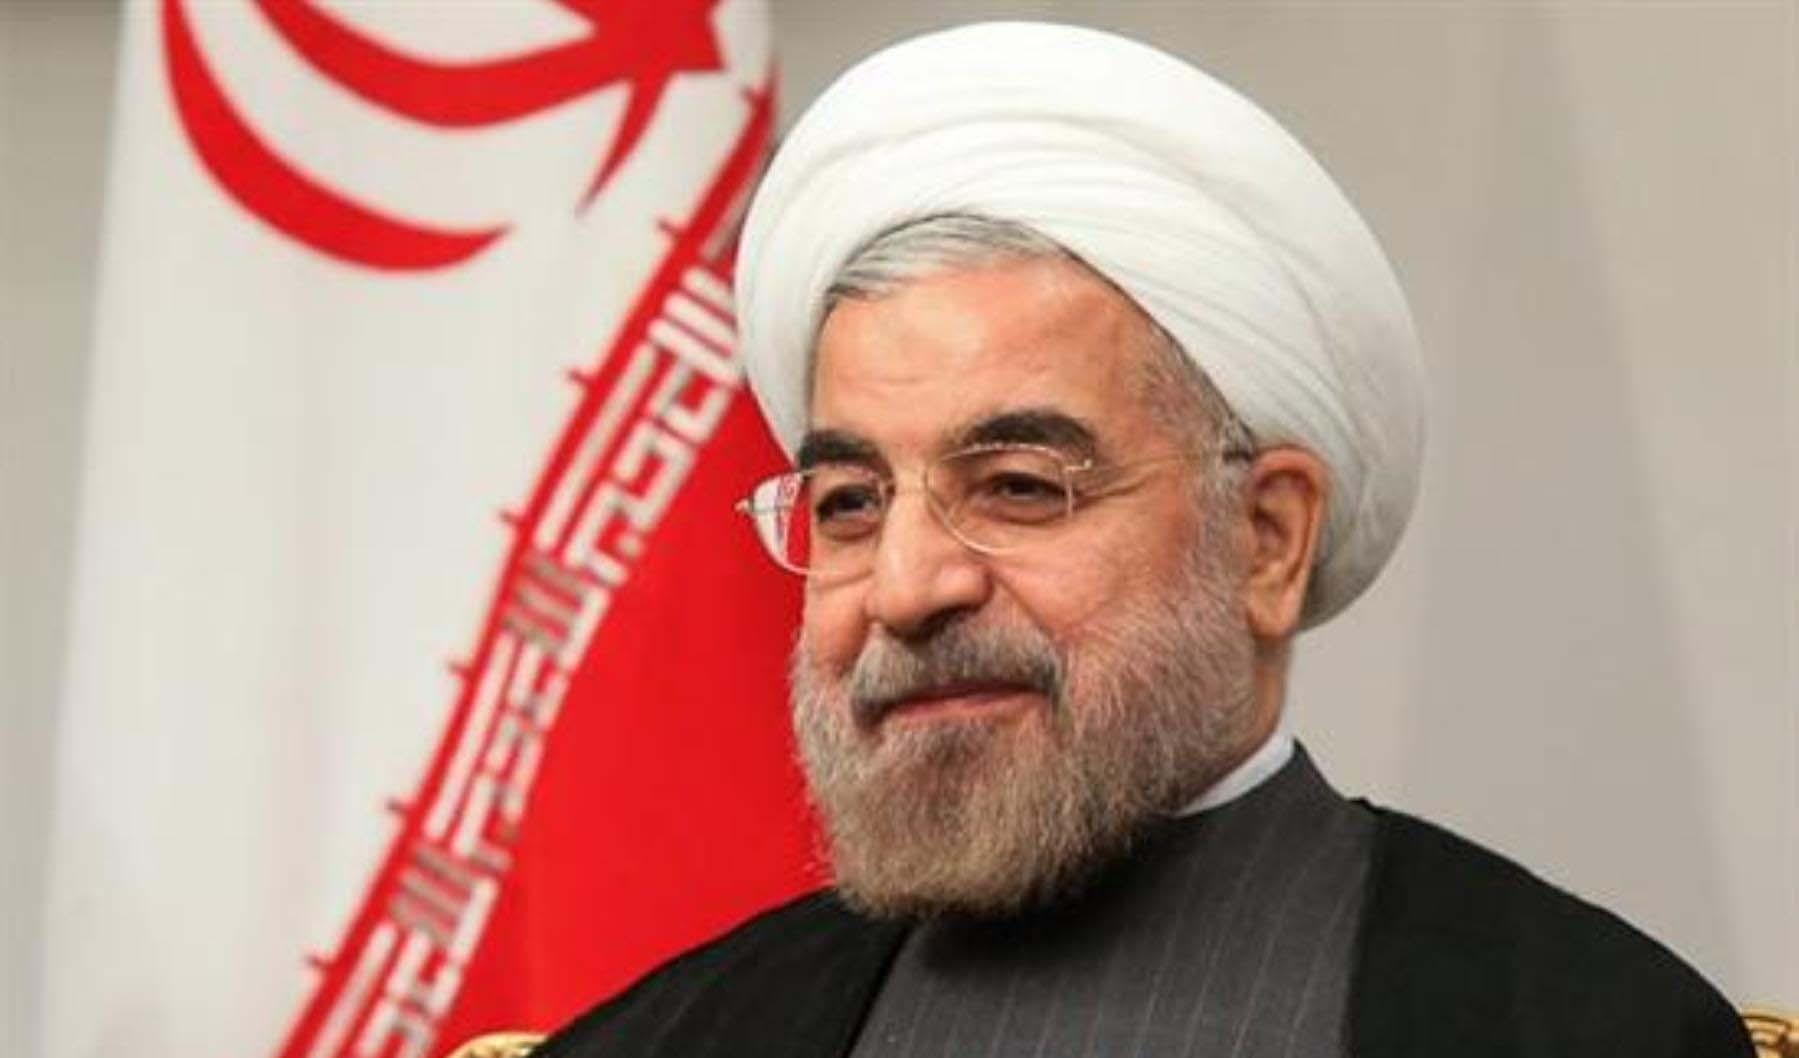 ایران خواهان امنیت در منطقه خلیج فارس و خاورمیانه است